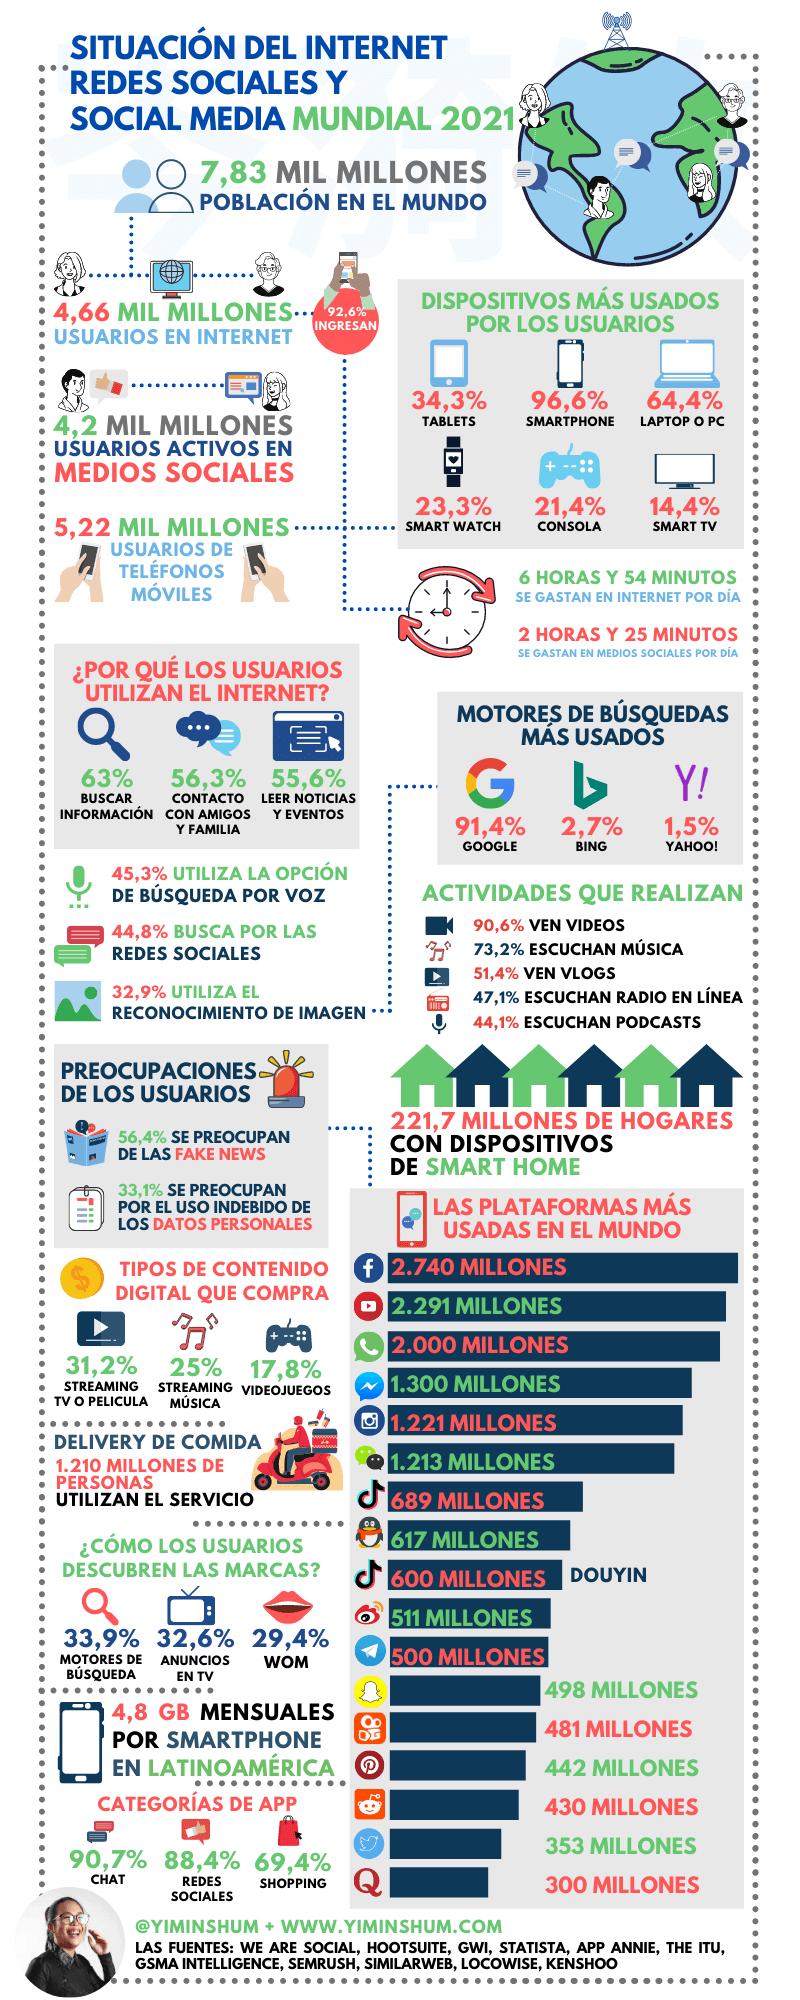 Internet y redes sociales en 2021 #infografia #infographic #socialmedia